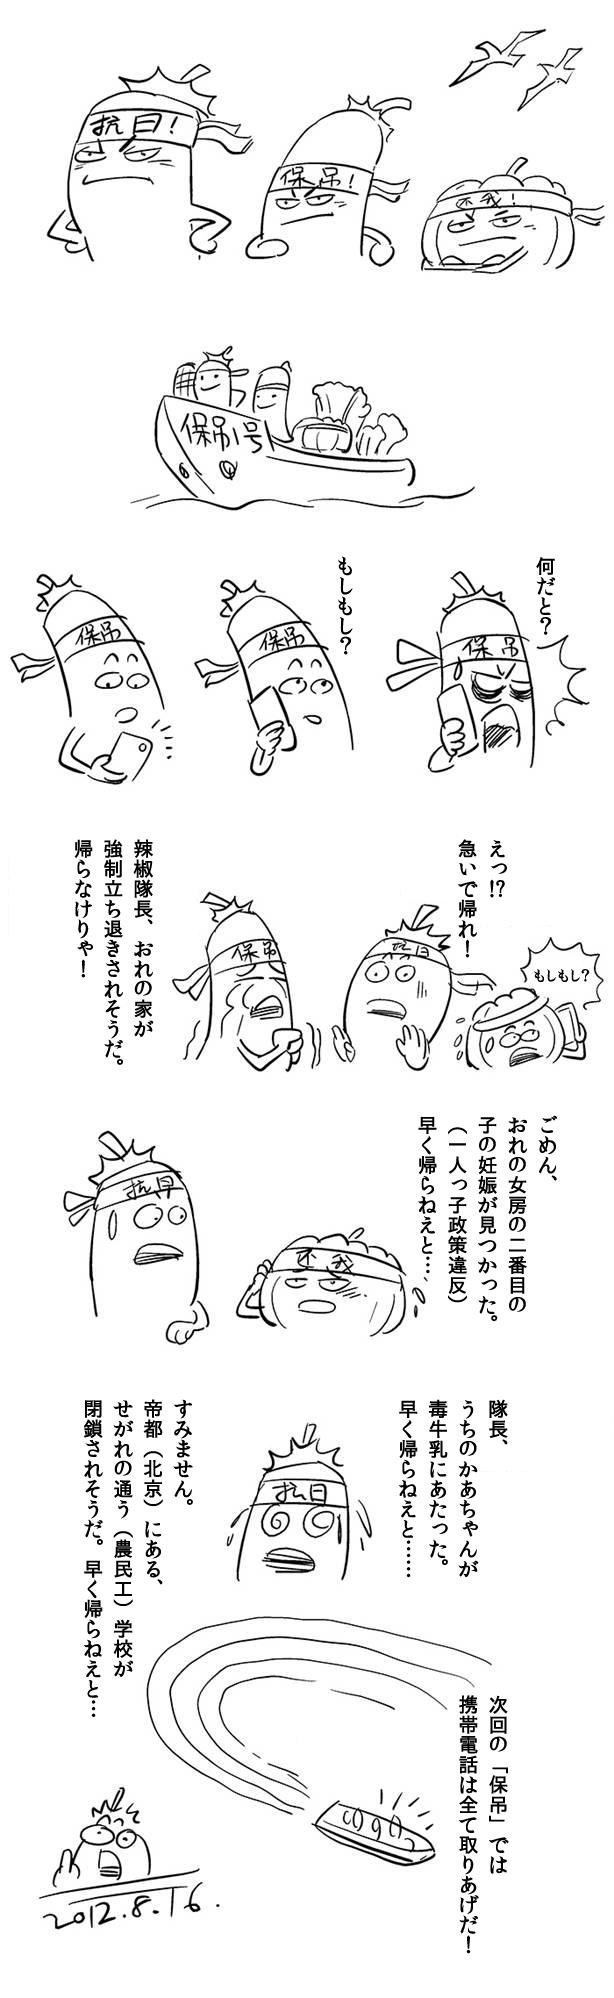 変態辣椒06